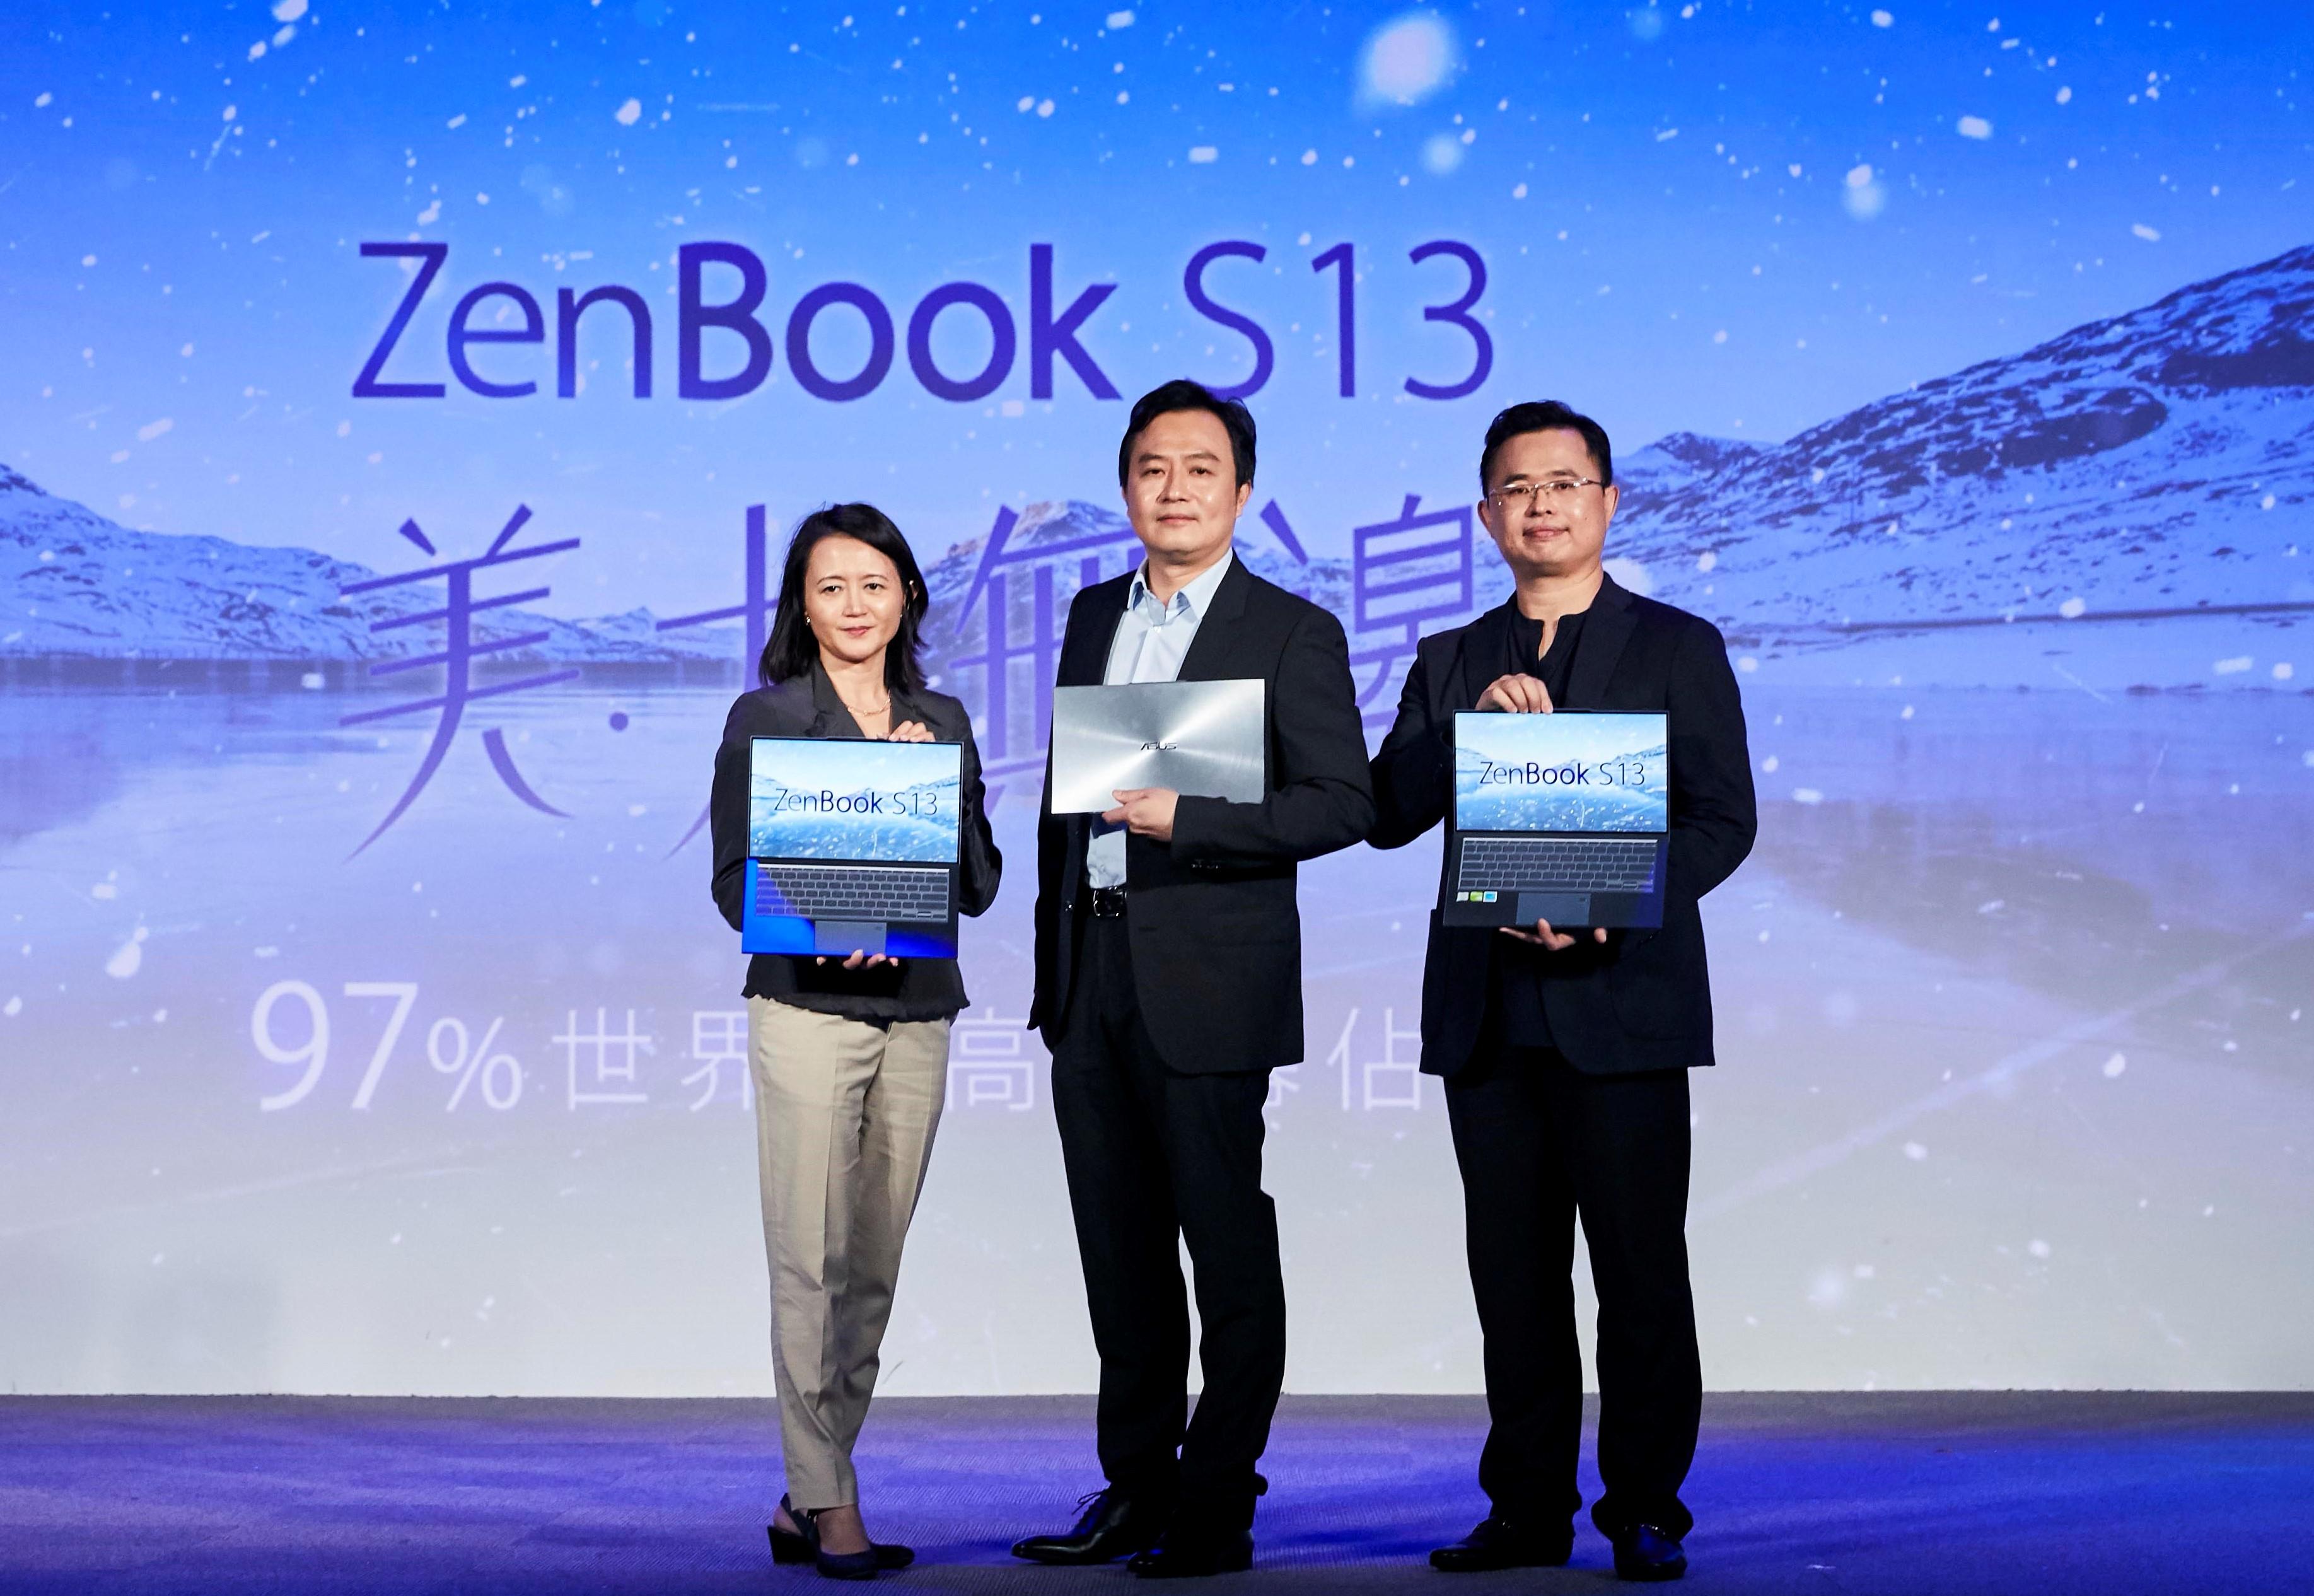 ASUS ZenBook S13正式上市!